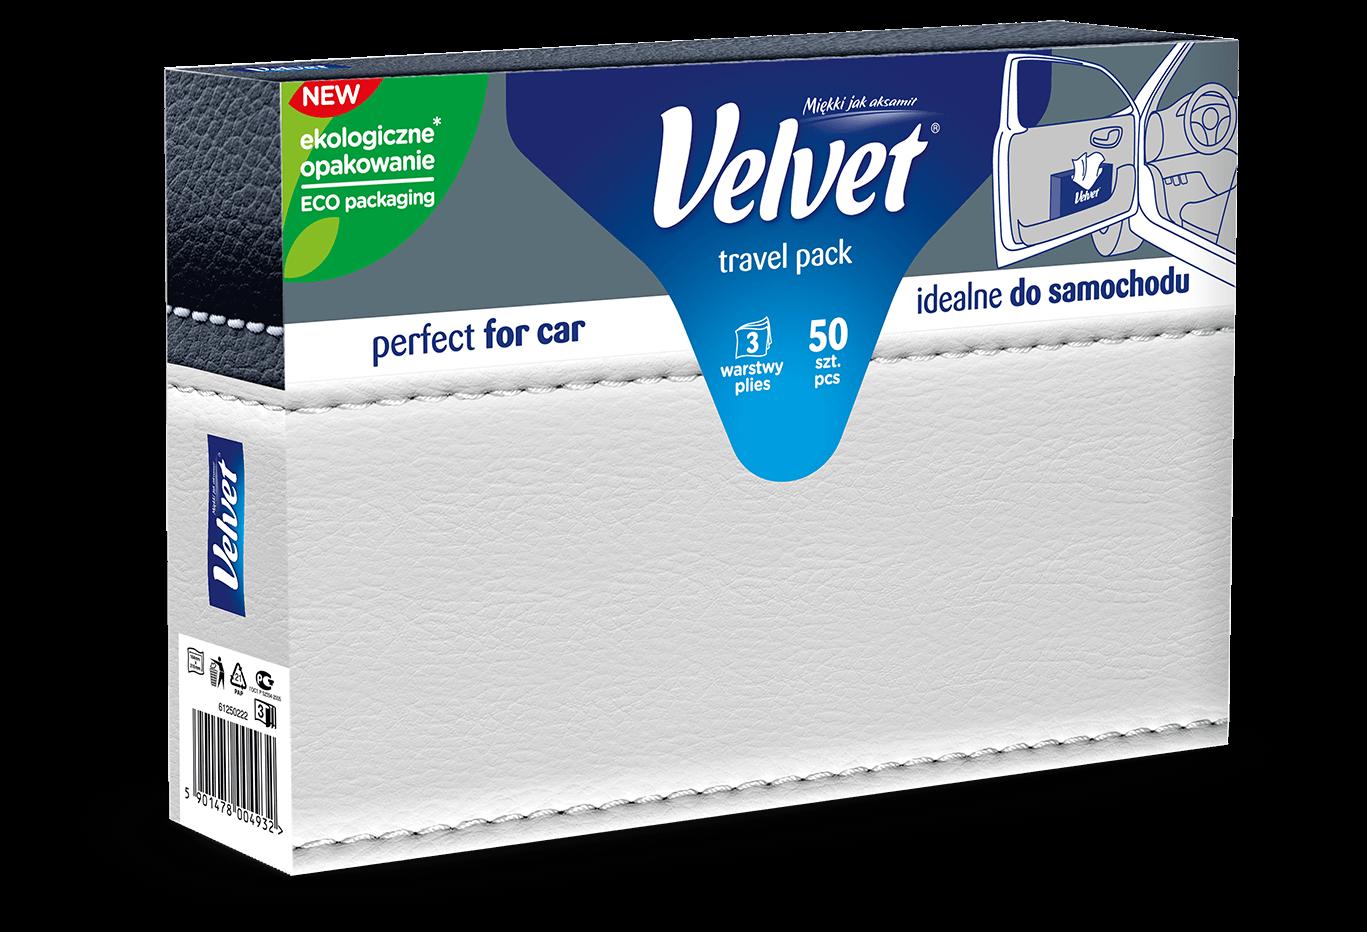 Chusteczki higieniczne Velvet Travel Pack – kolorystyka w odcieniach szarości